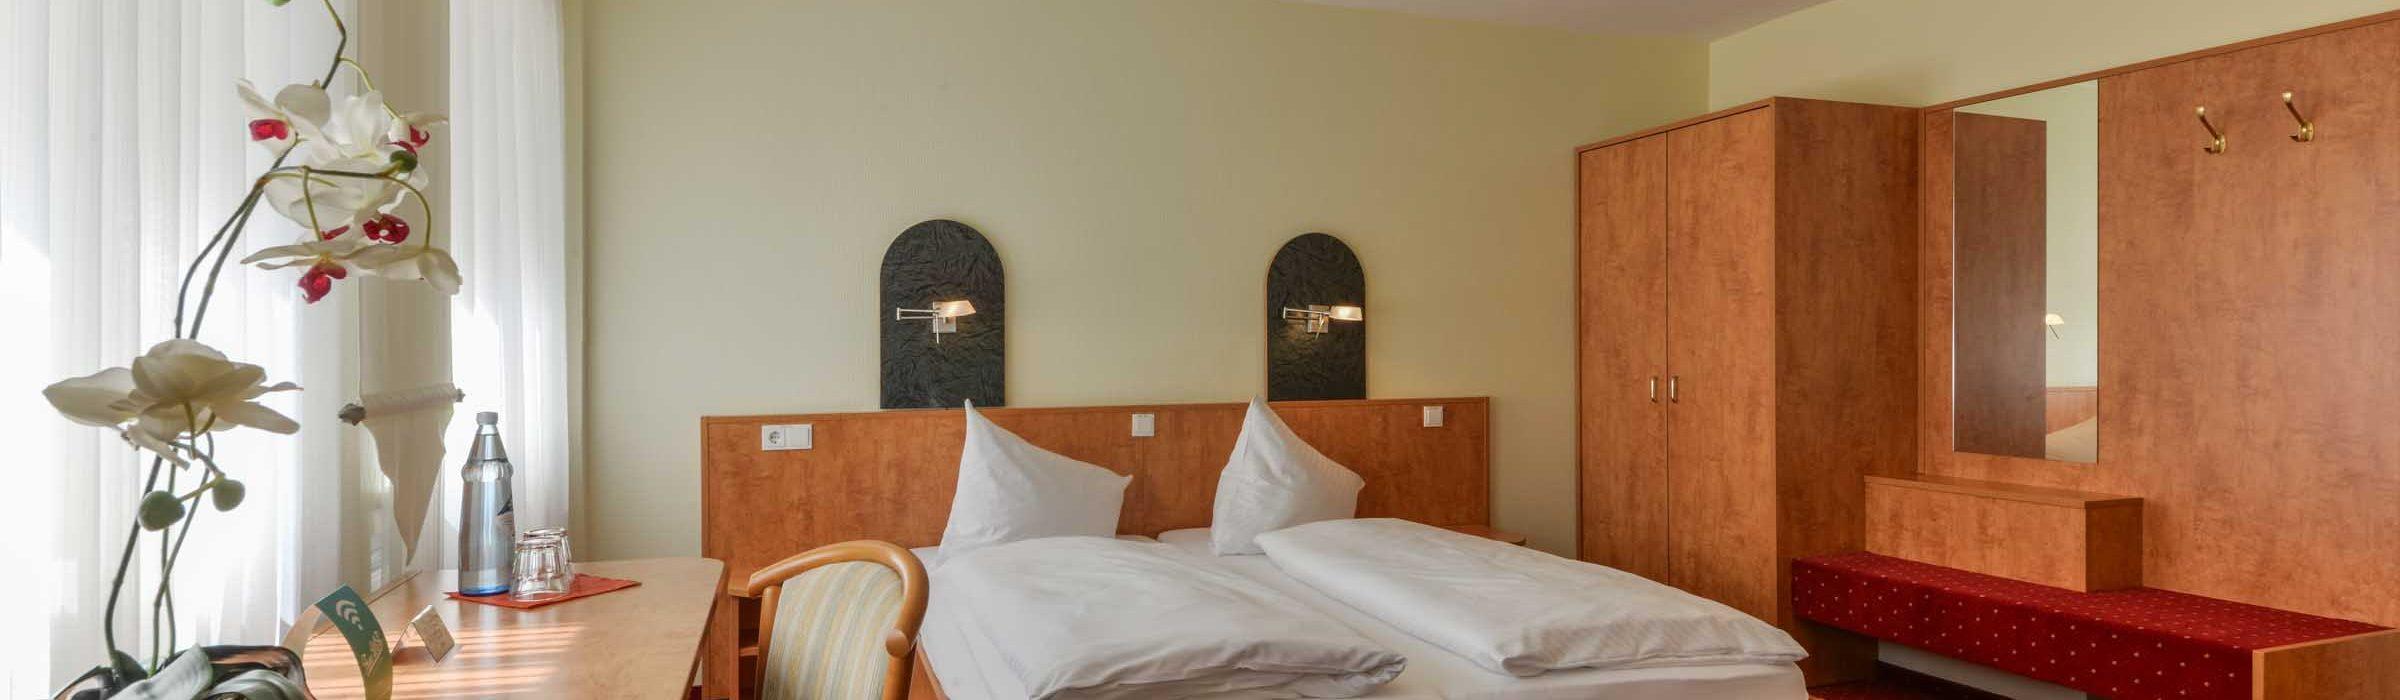 Hotel Hessischer Hof Kirchhain - Doppelzimmer